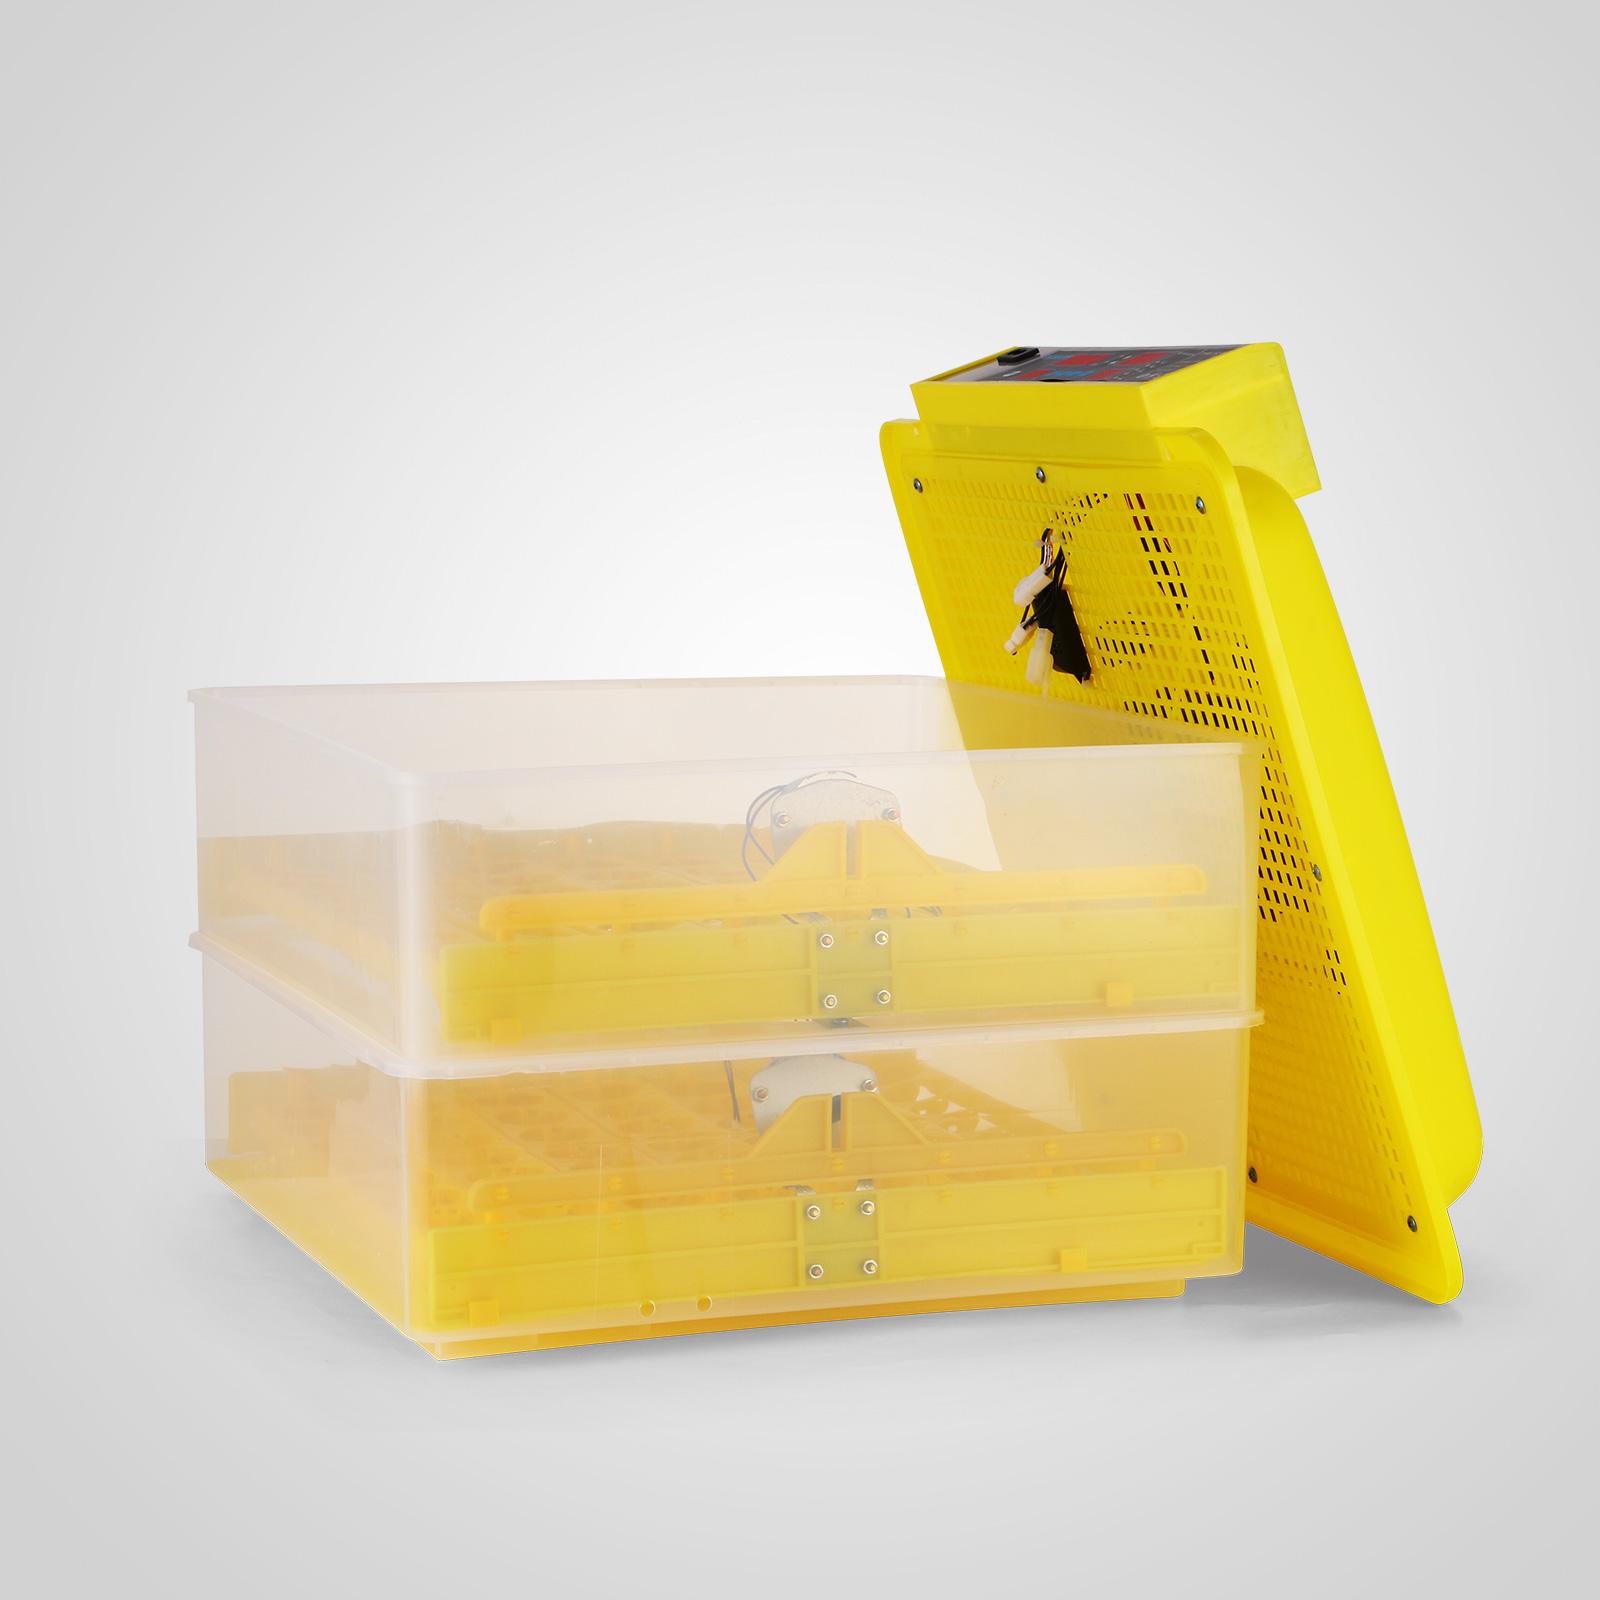 couveuse 96 oeufs poule incubator incubateur poulet. Black Bedroom Furniture Sets. Home Design Ideas